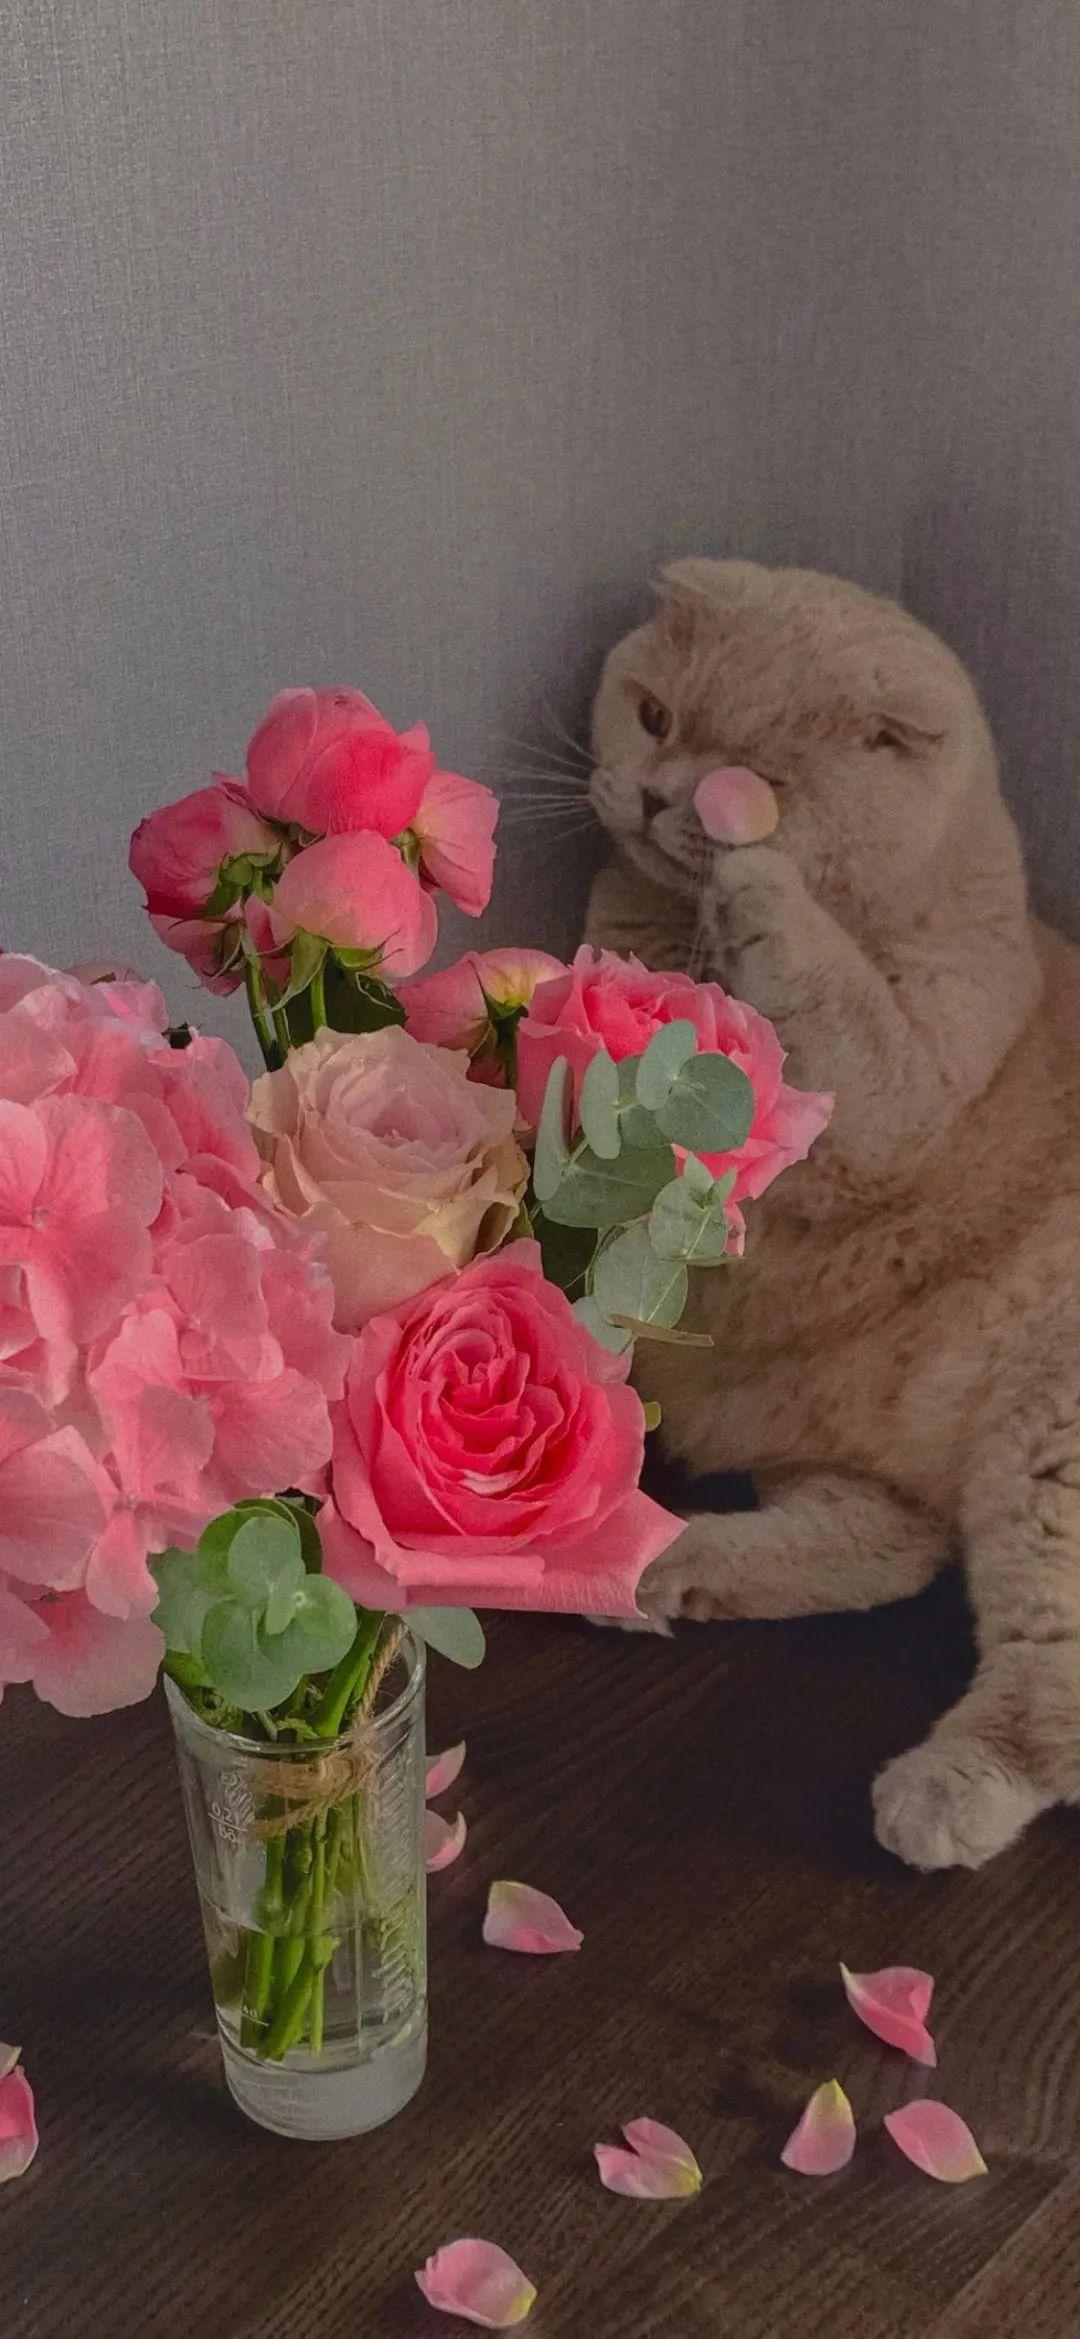 朋友圈经典的关于玫瑰的文案:玫瑰花期到了,我很想你。插图1